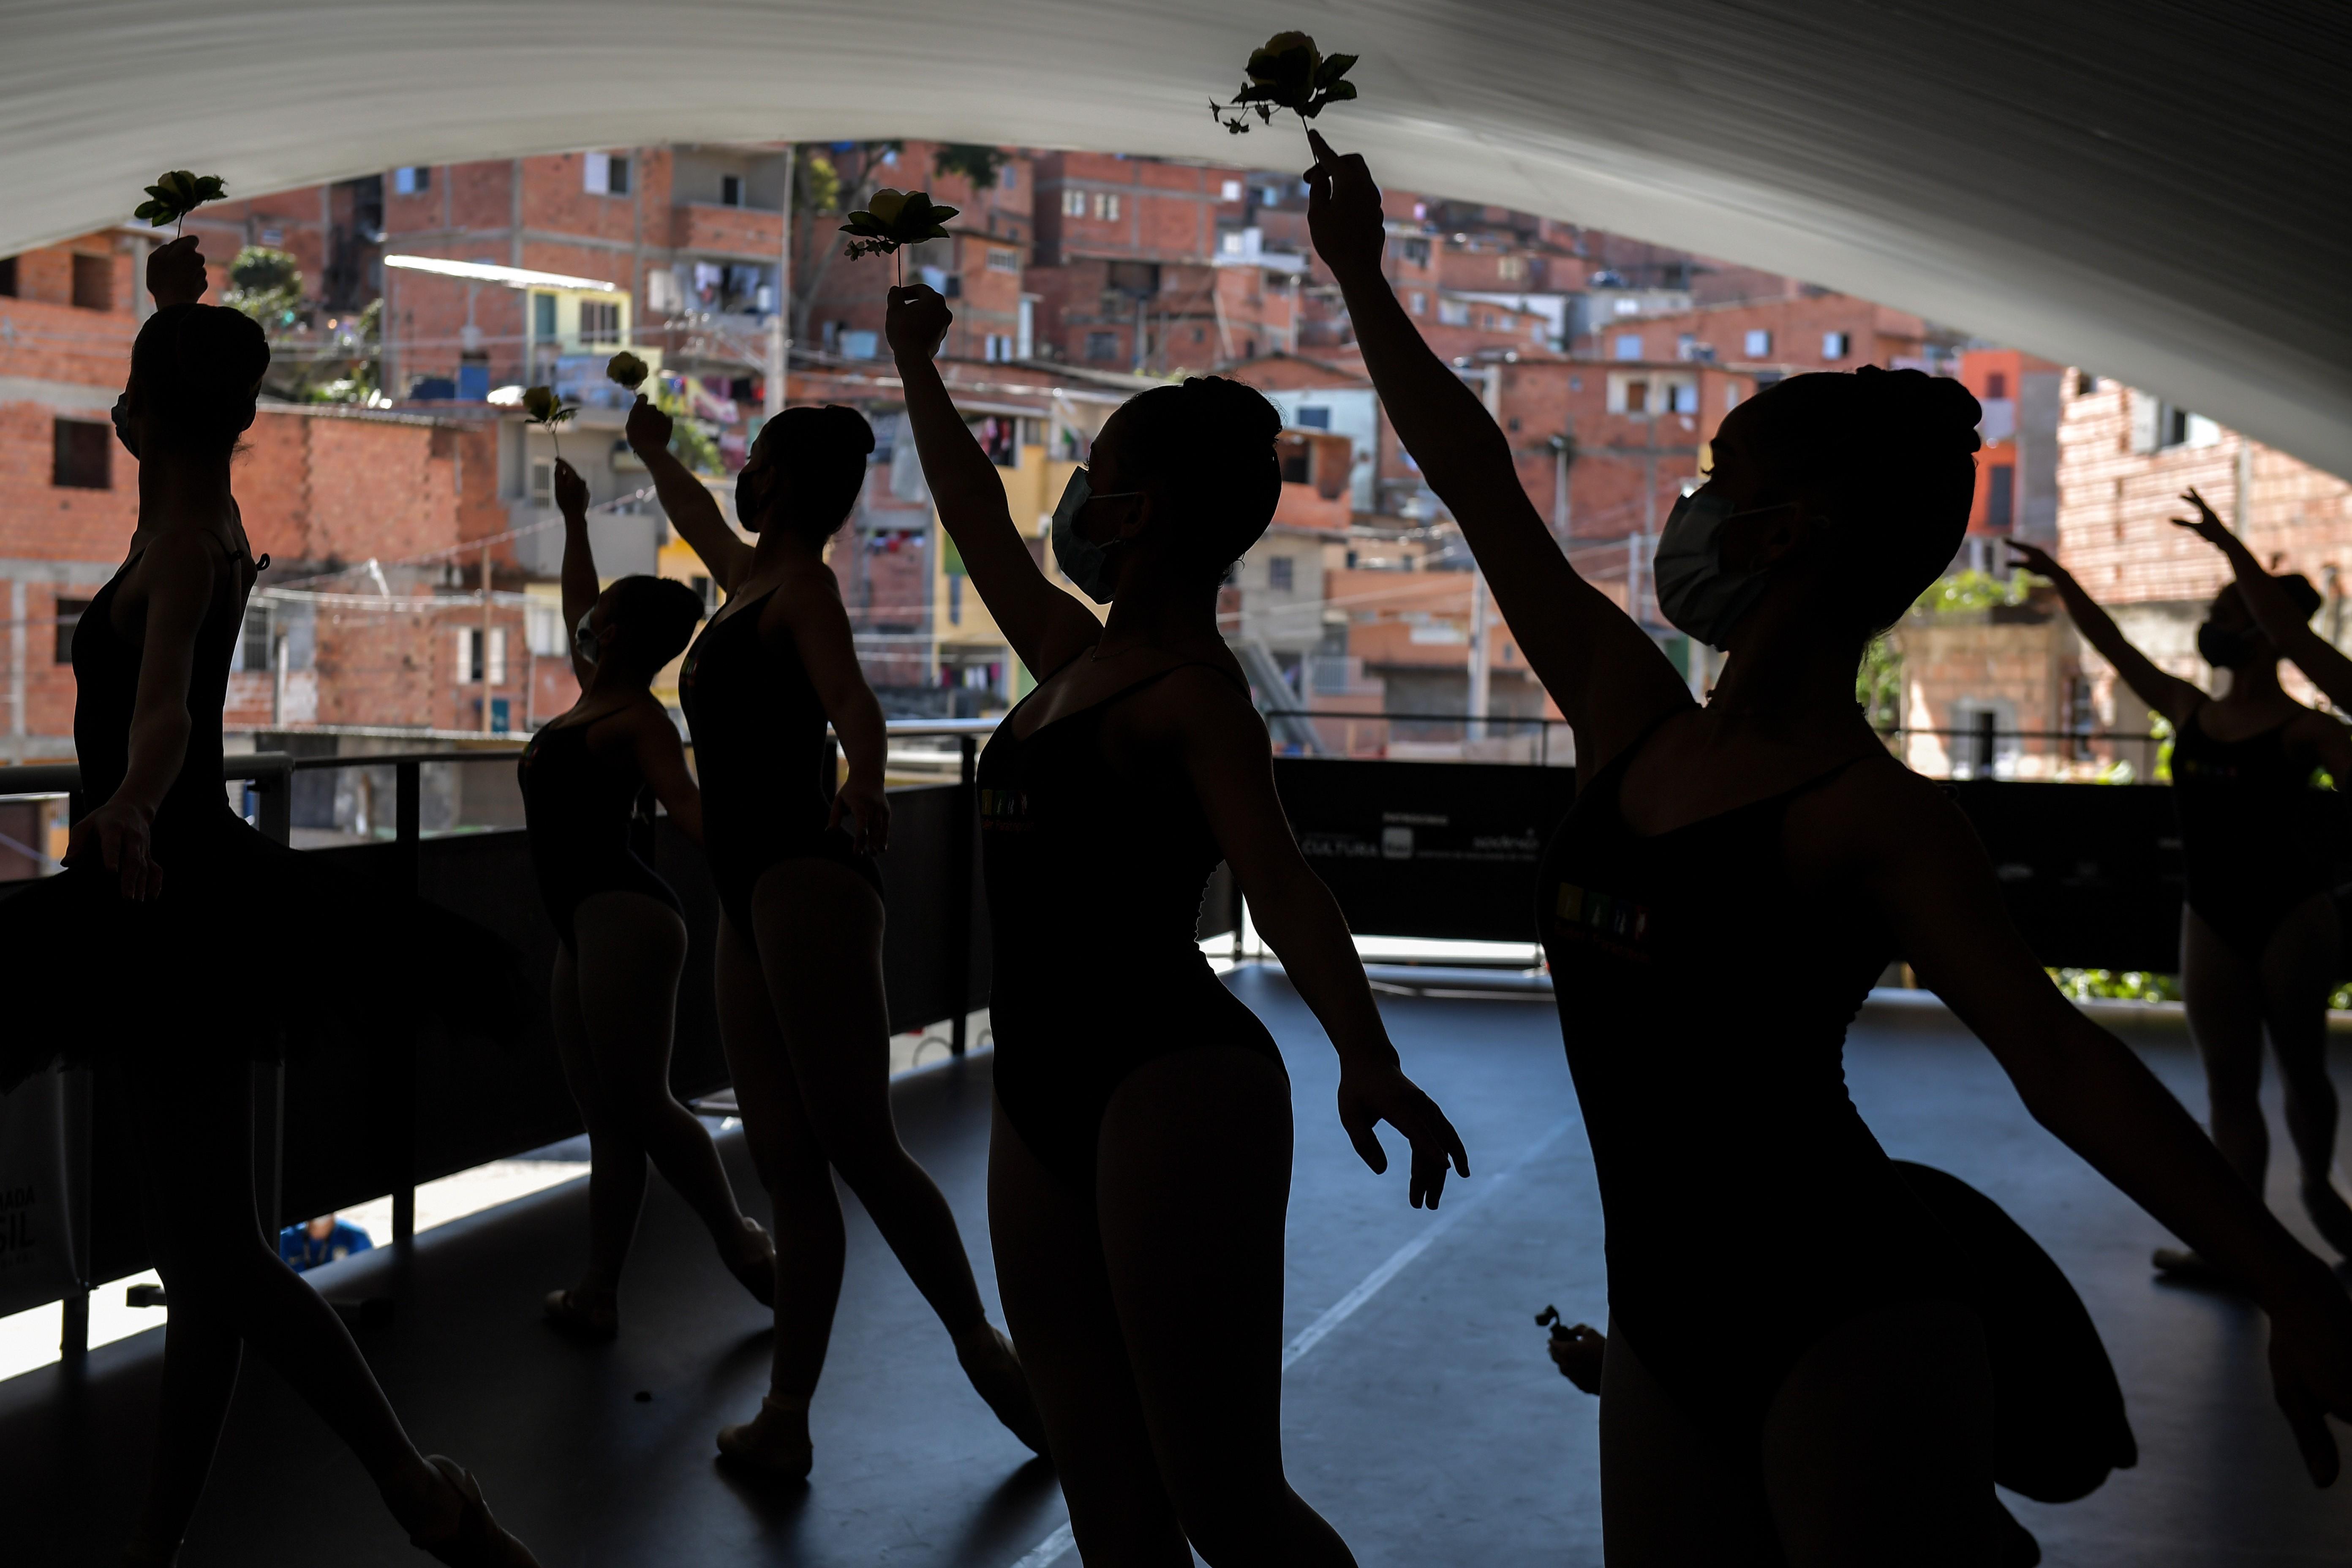 Balé de Paraisópolis retoma ensaios com coreografia sobre ação da PM que deixou 9 mortos na favela em 2019